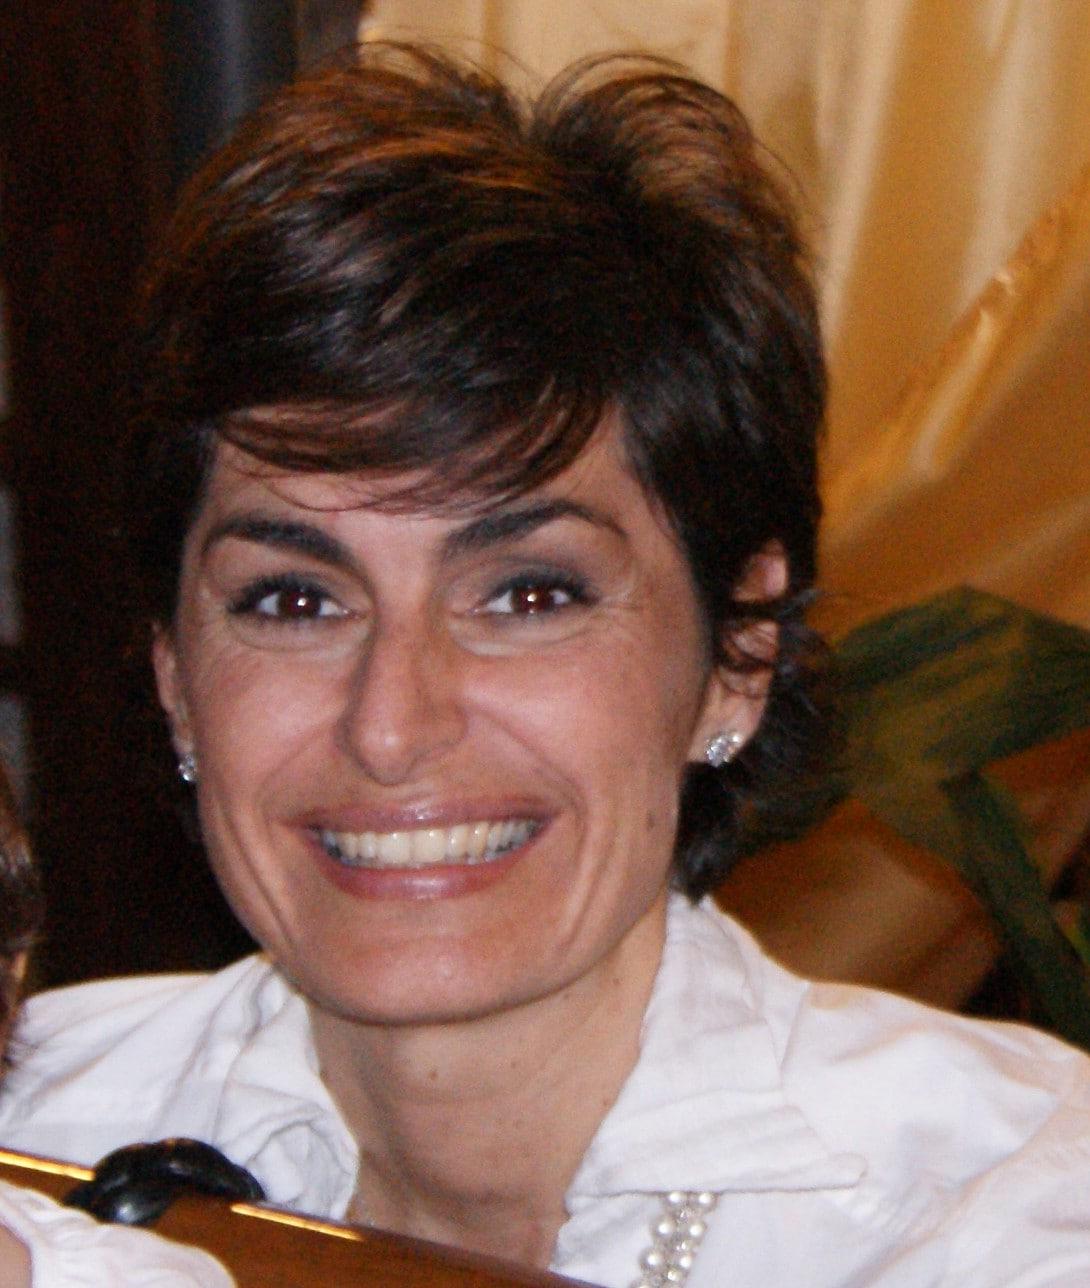 Valentina from Castiglione della Pescaia